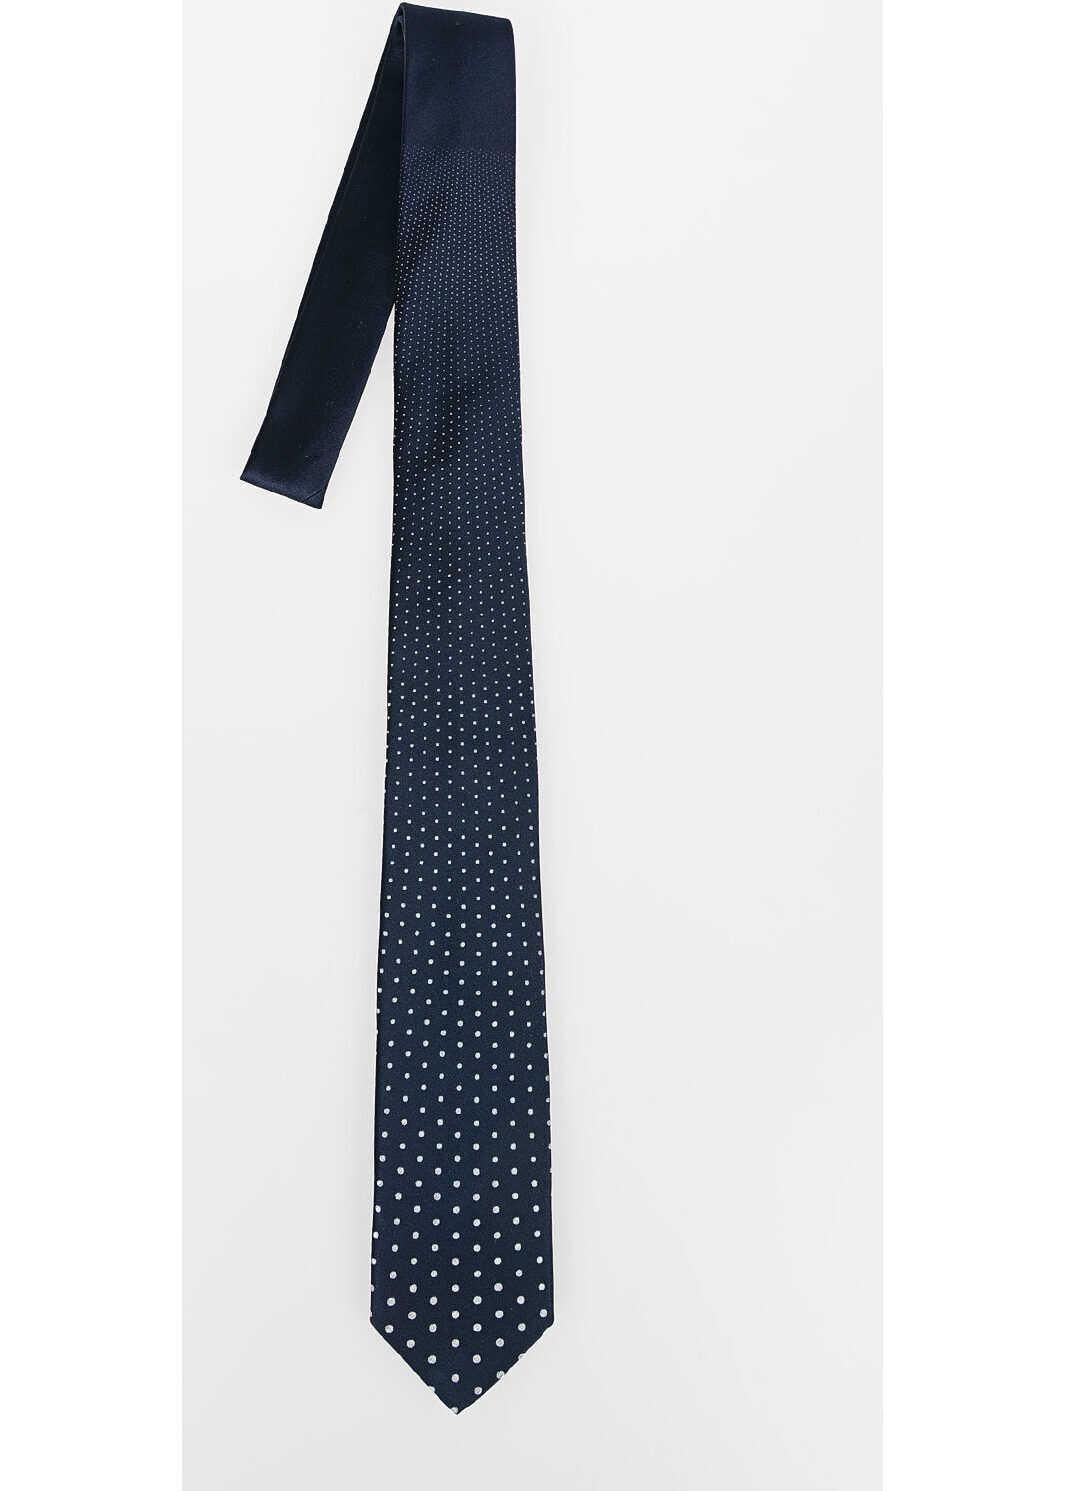 Neil Barrett Slim Tie with Dots BLUE